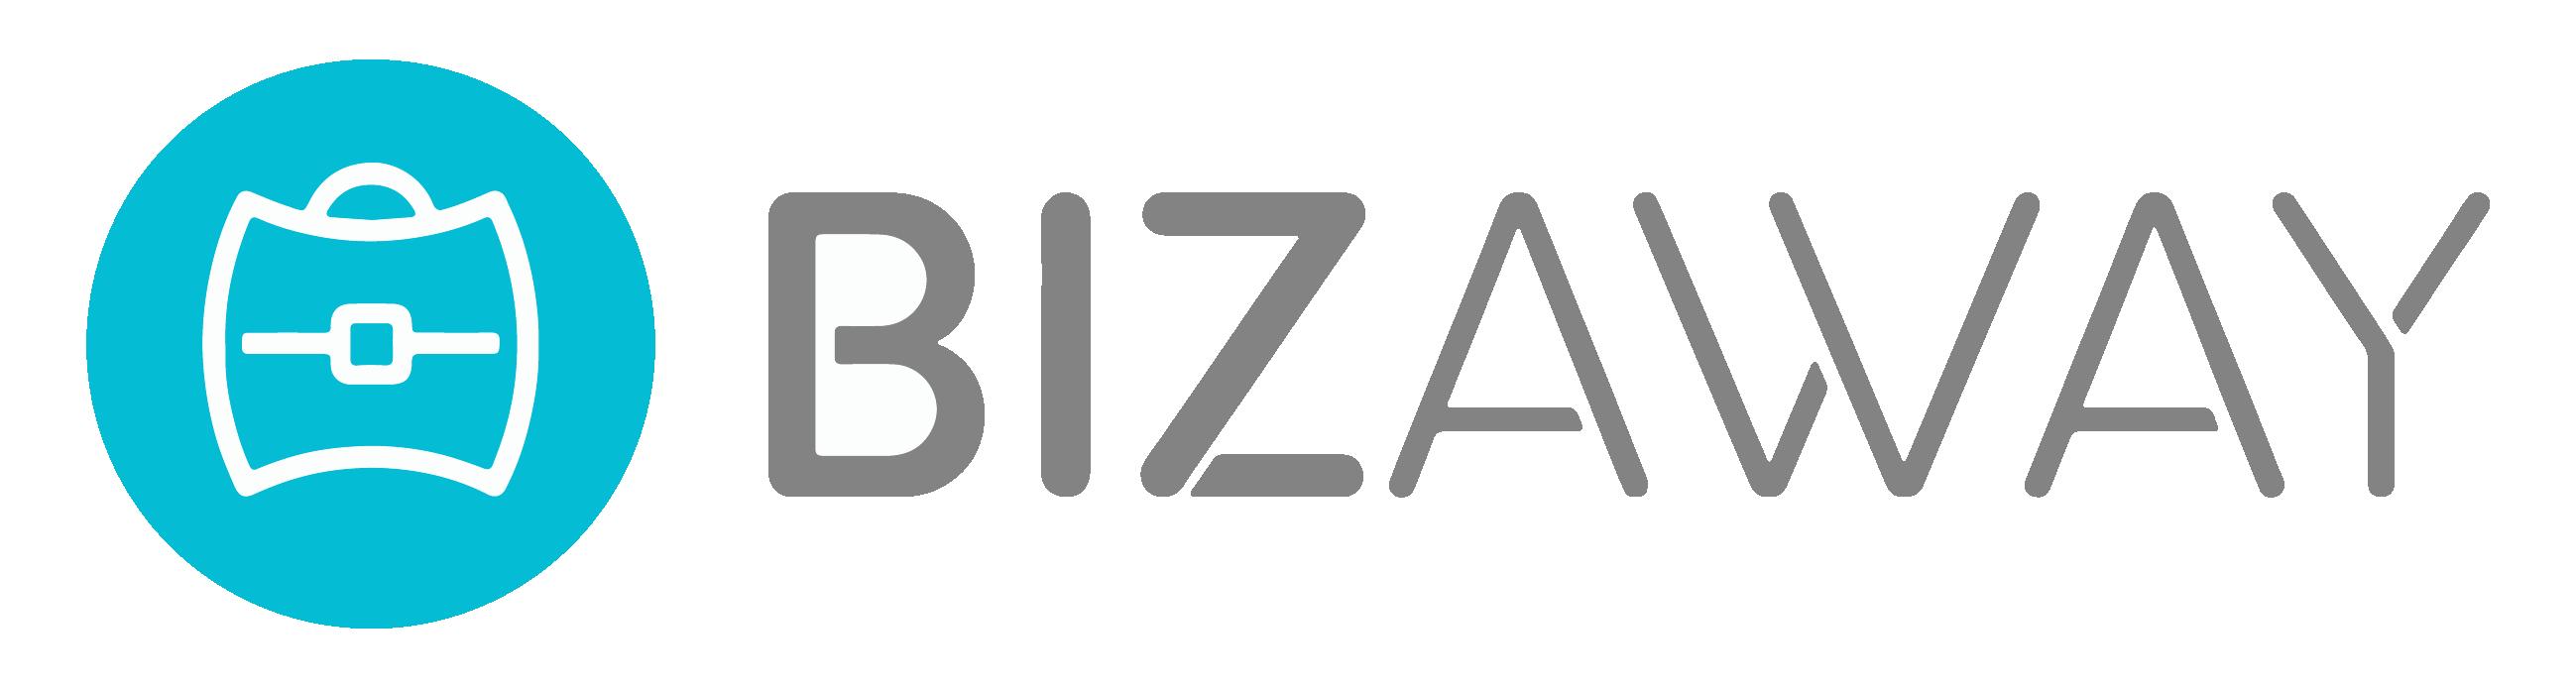 (NL) bizaway